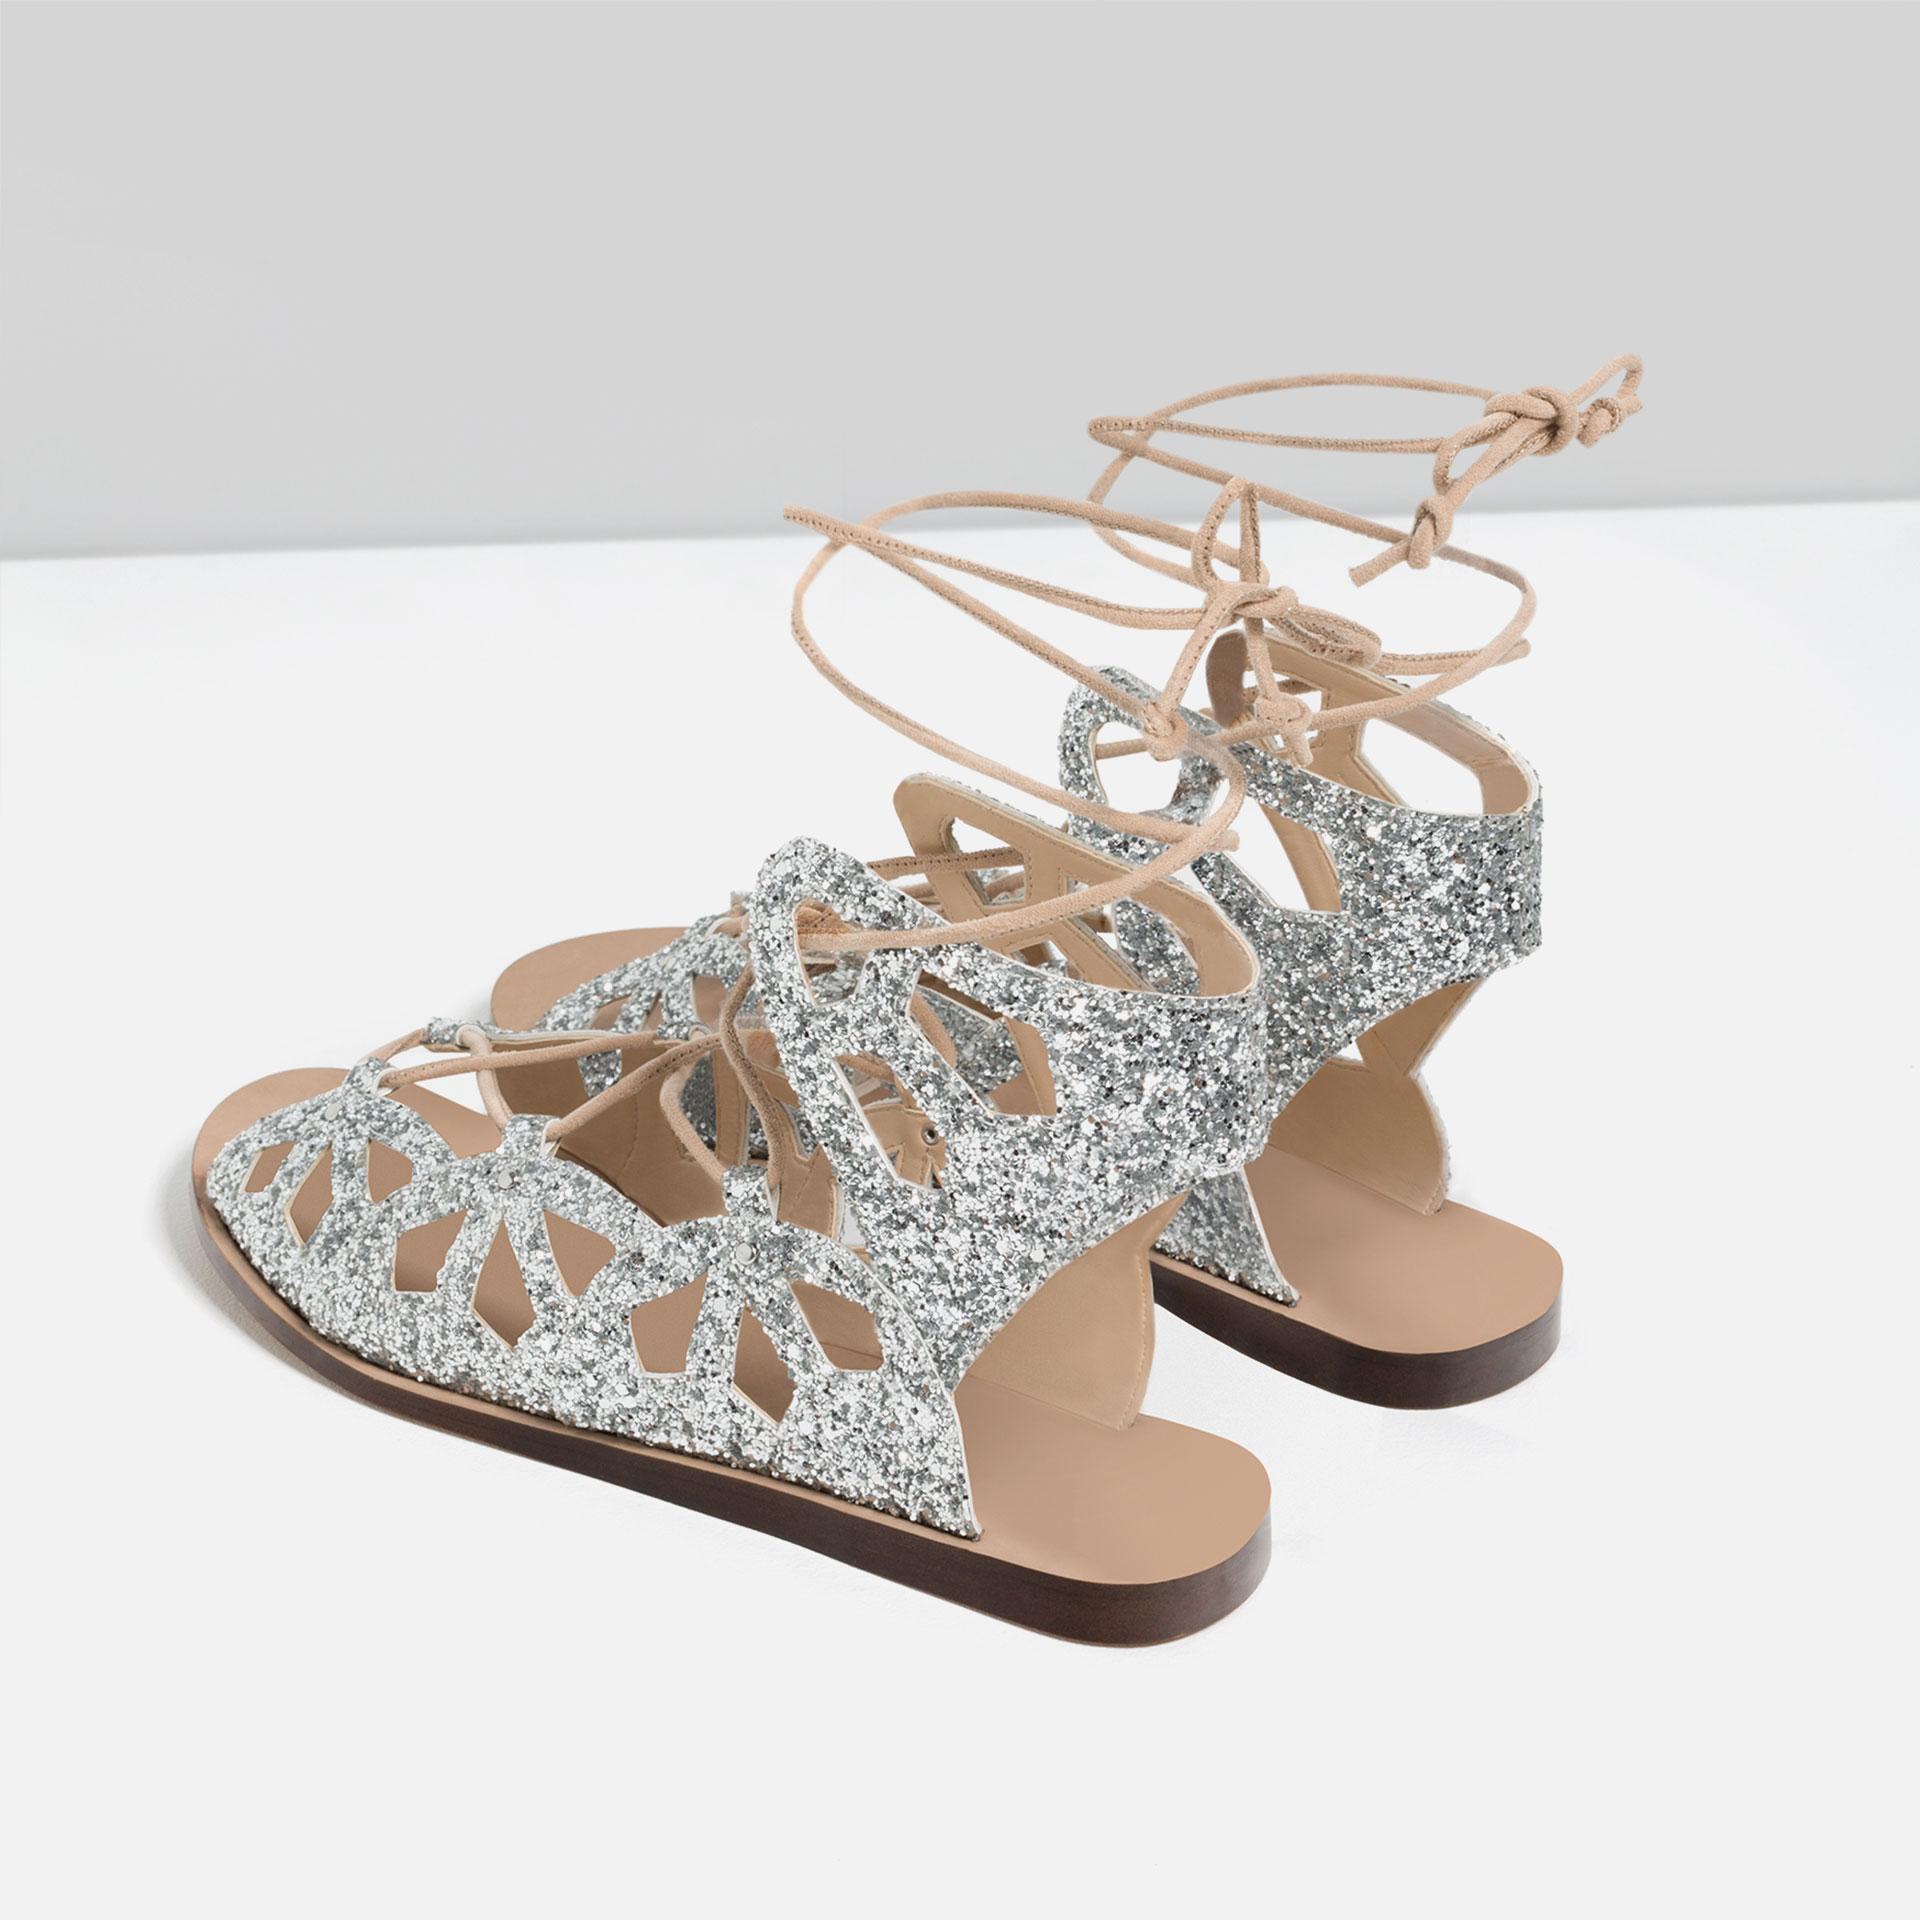 Tarz ayakkabı zara 3